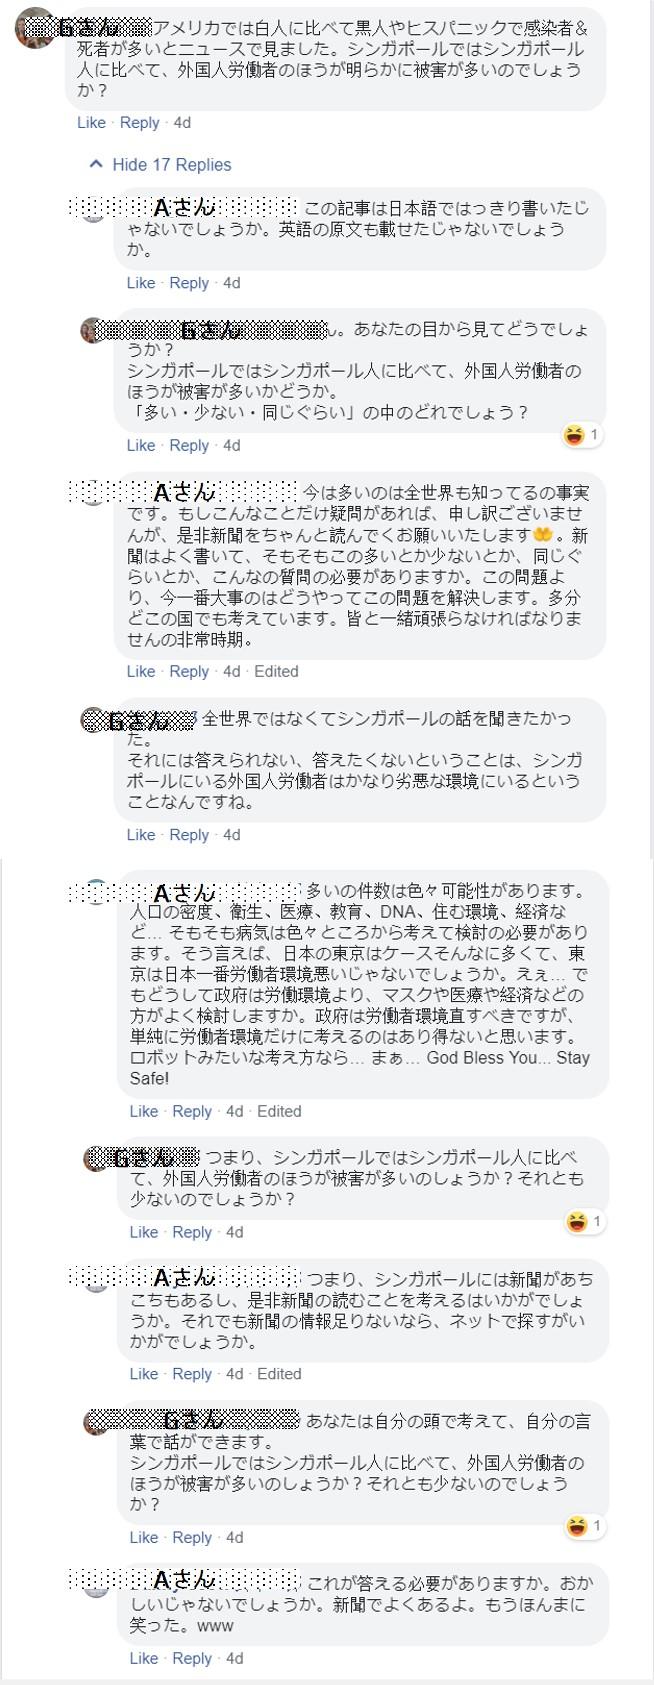 シンガポール在住日本人FBページ 喧嘩9